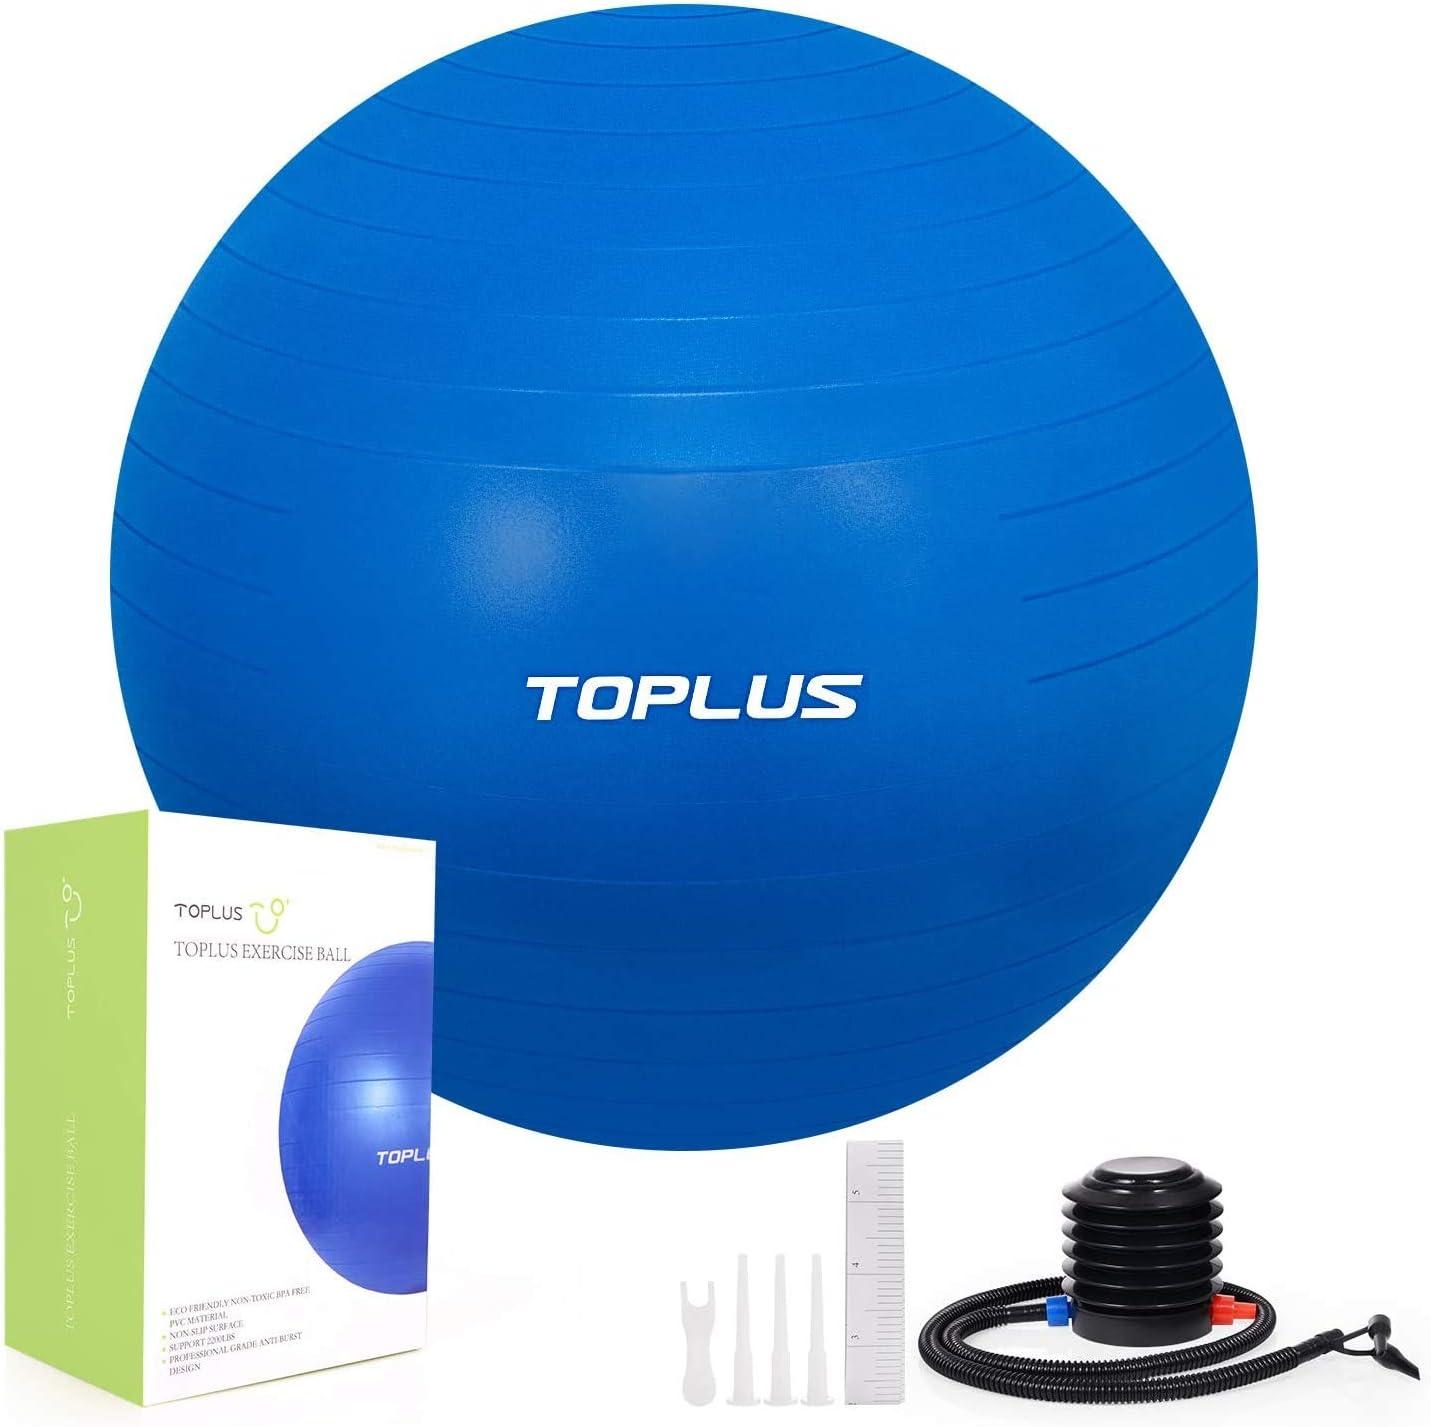 TOPLUS Pelota de Gimnasia Anti-Reventones Bola de Yoga Pilates y Ejercicio Balón para Sentarse Balon de Ejercicio para Fitness 300 kg con Bomba de Aire 65cm (Azul): Amazon.es: Deportes y aire libre